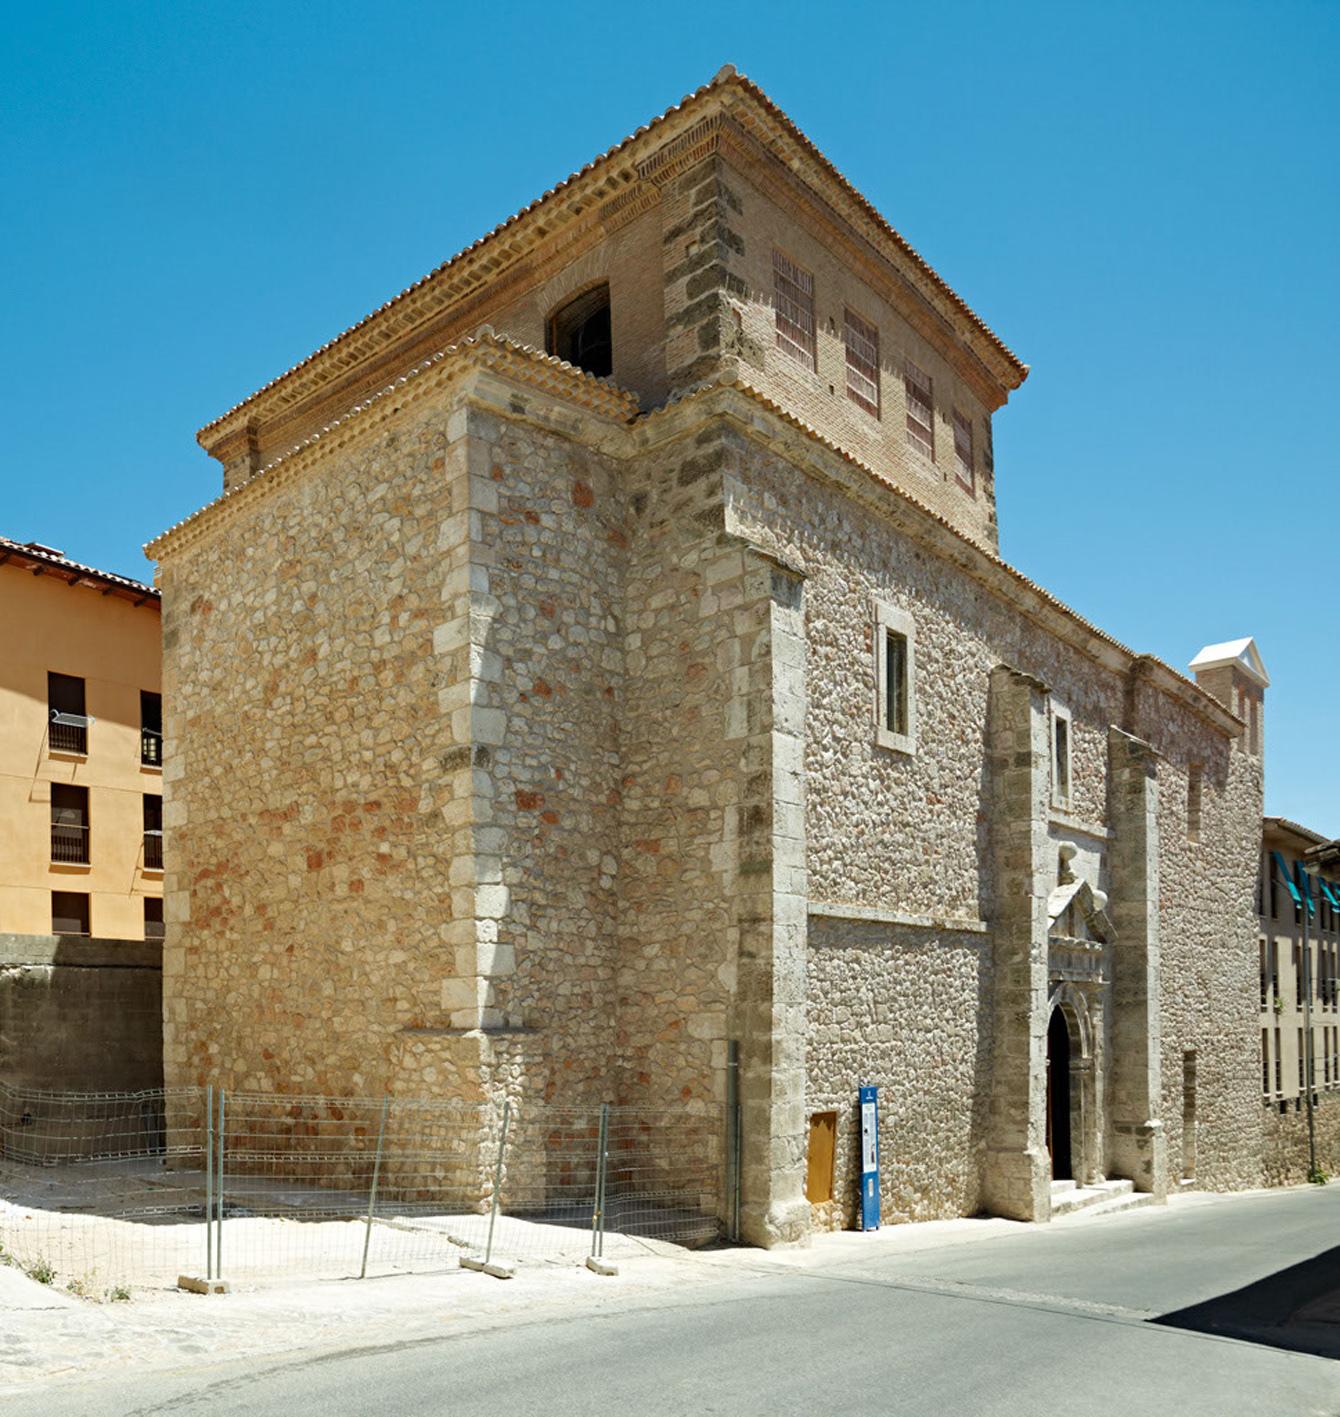 Внешний вид каменного фасада здания